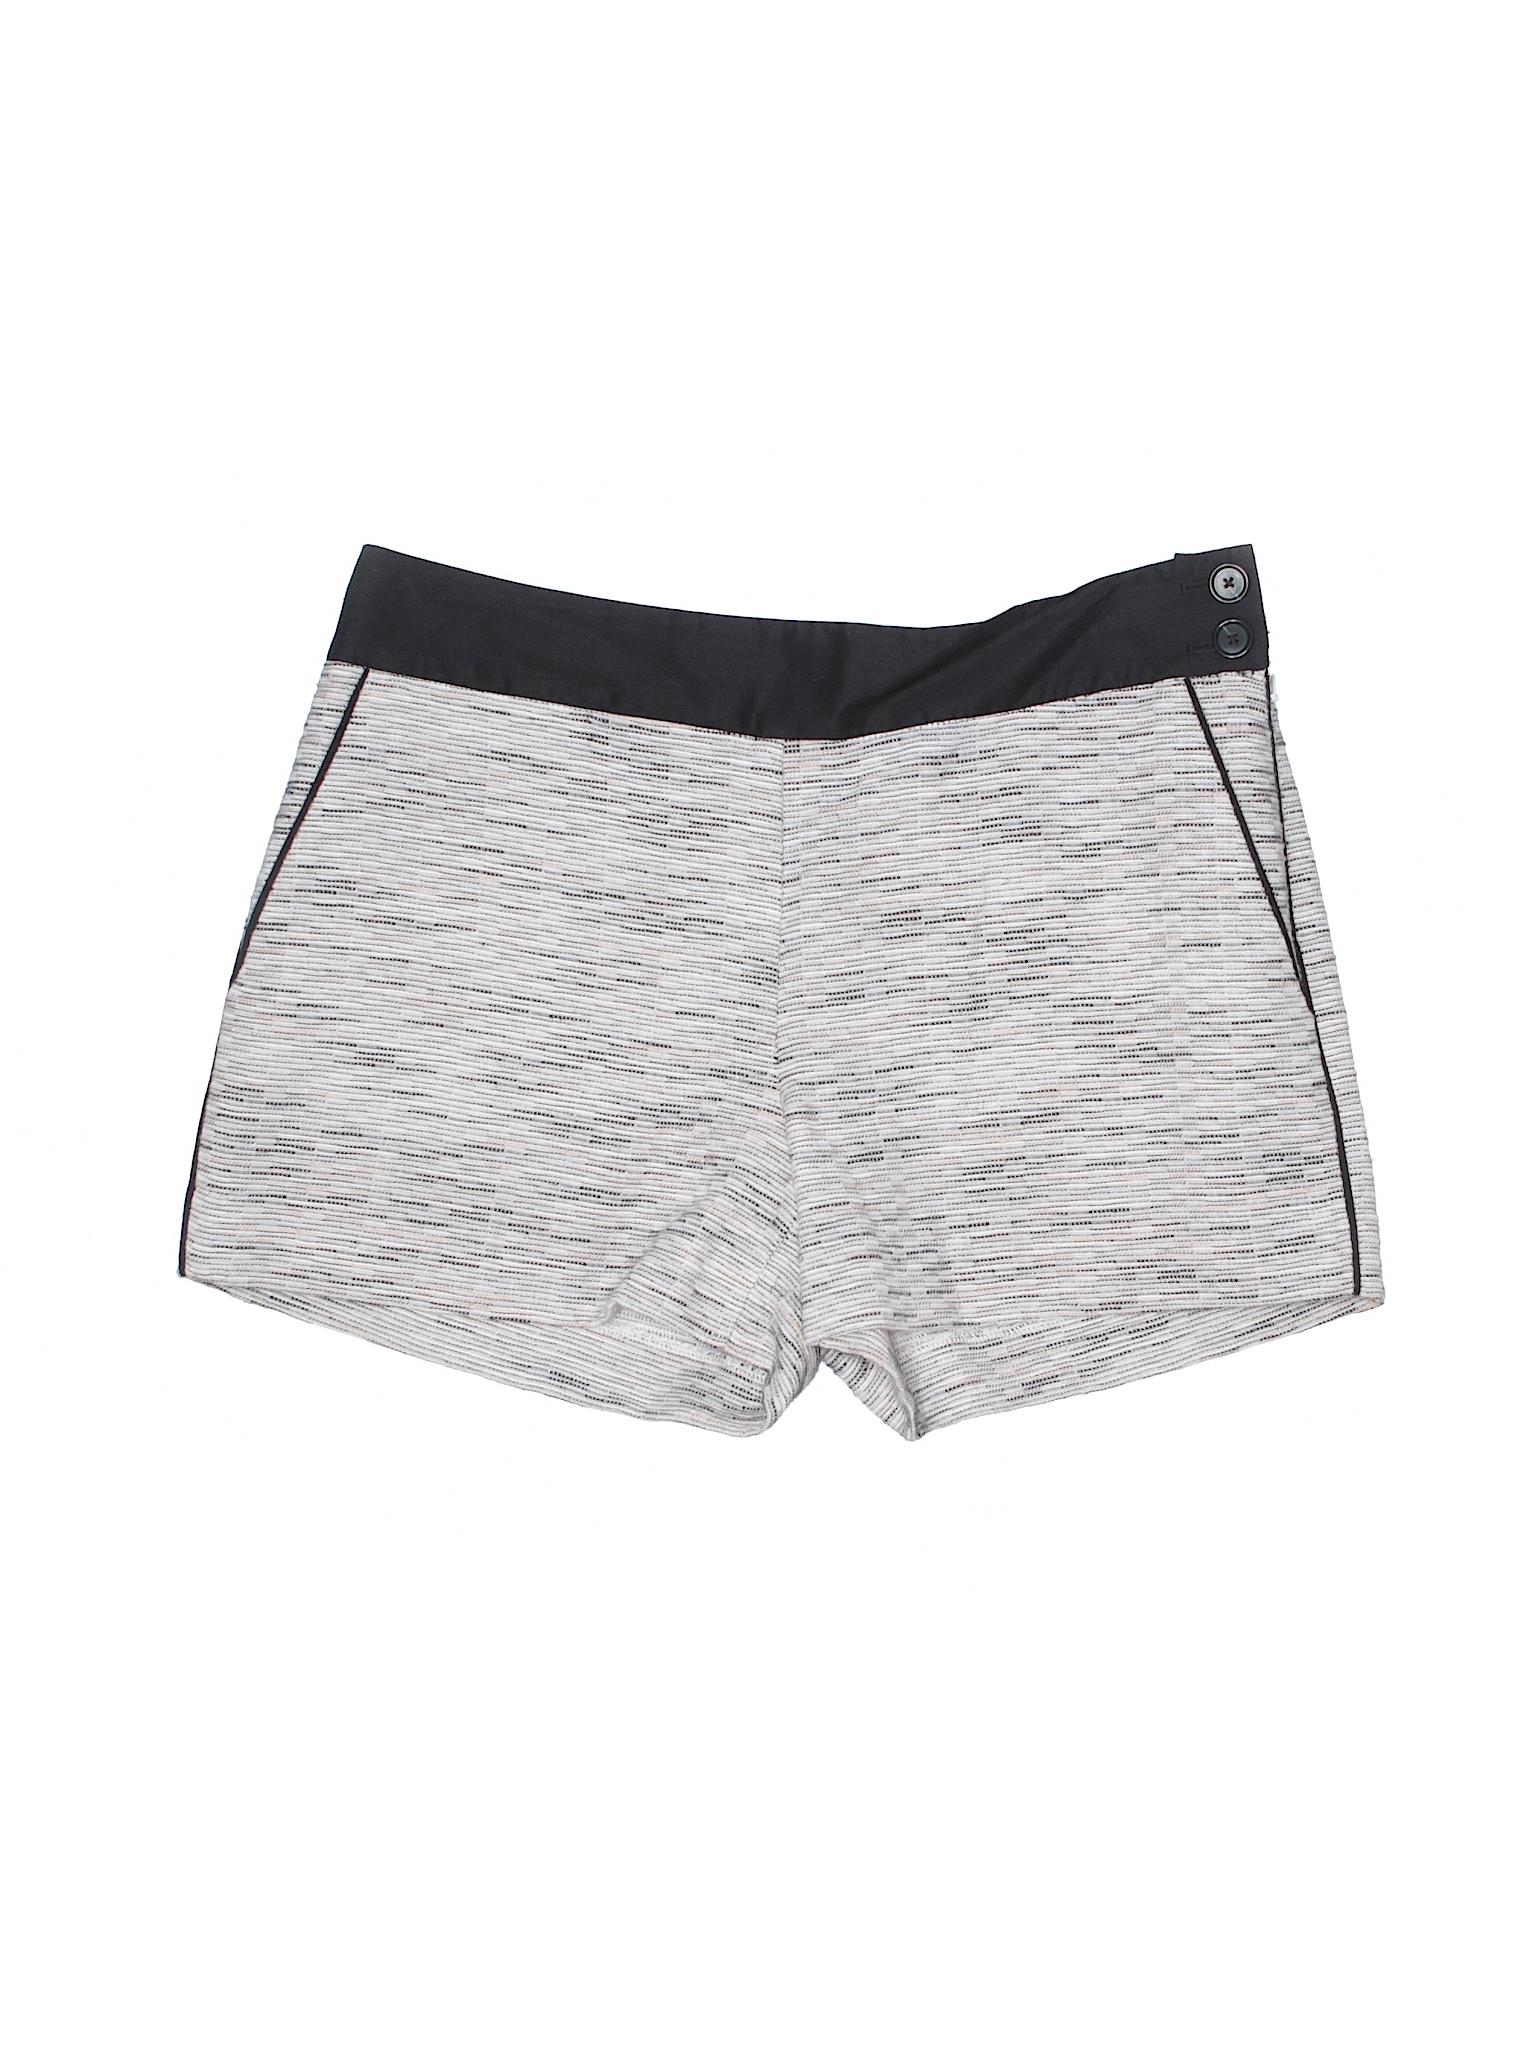 LOFT Ann Boutique Taylor Boutique Shorts Ann qPZa4P